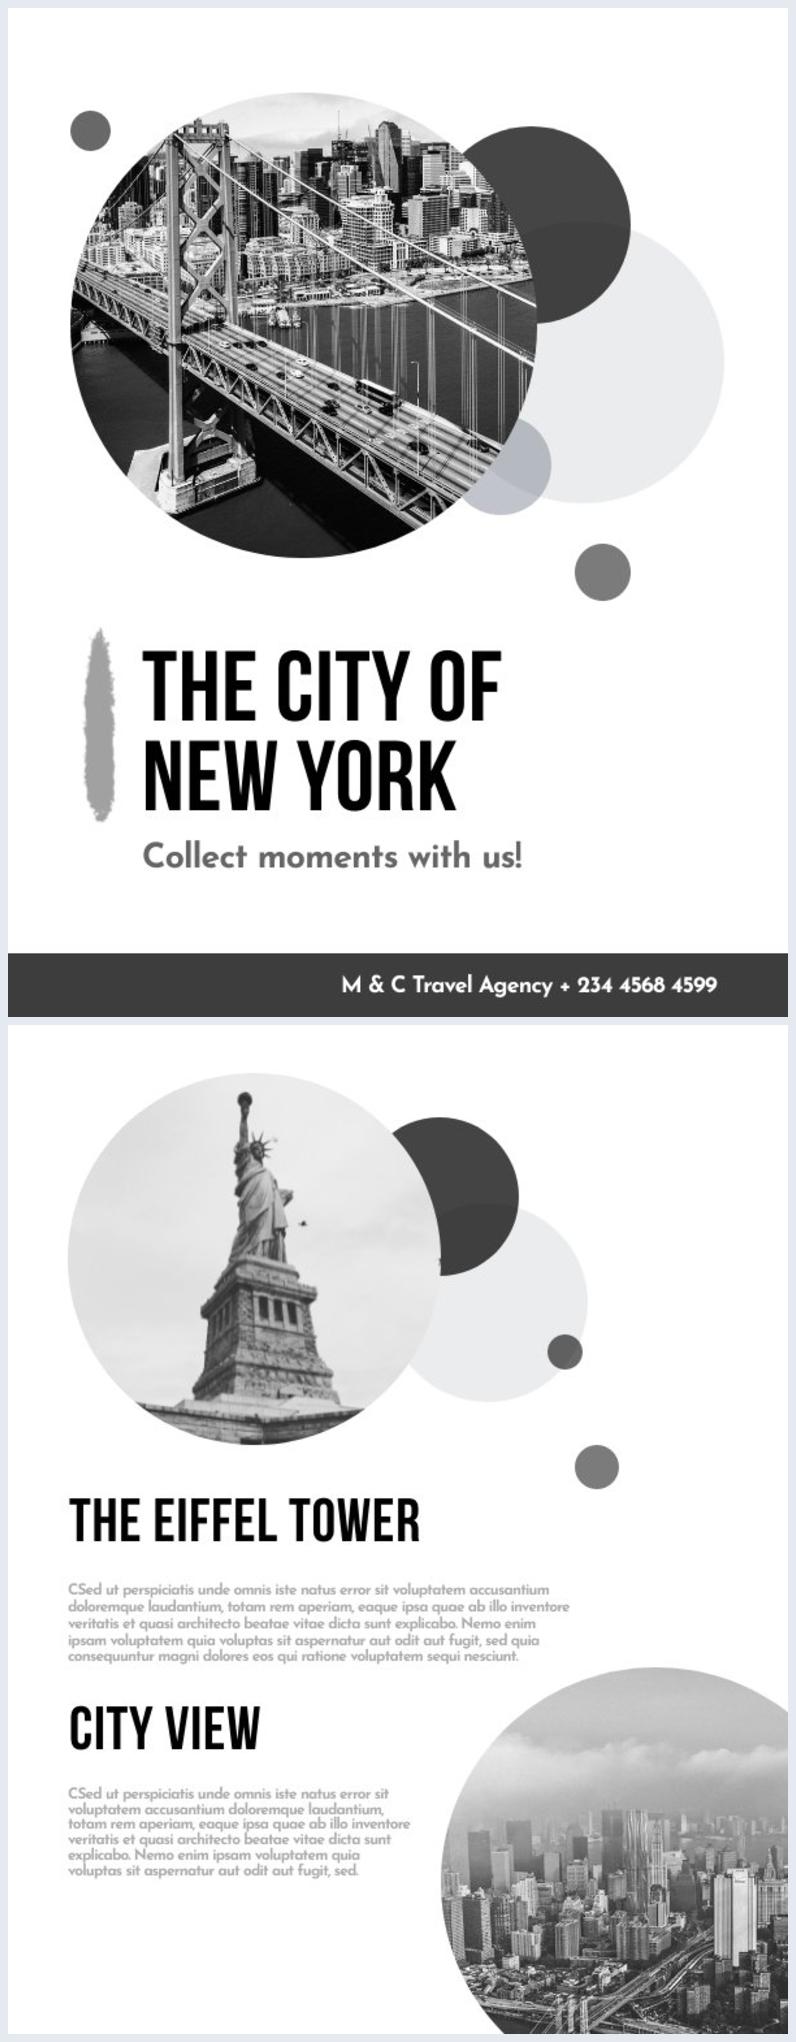 Design in bianco e nero per copertina di rivista di viaggi